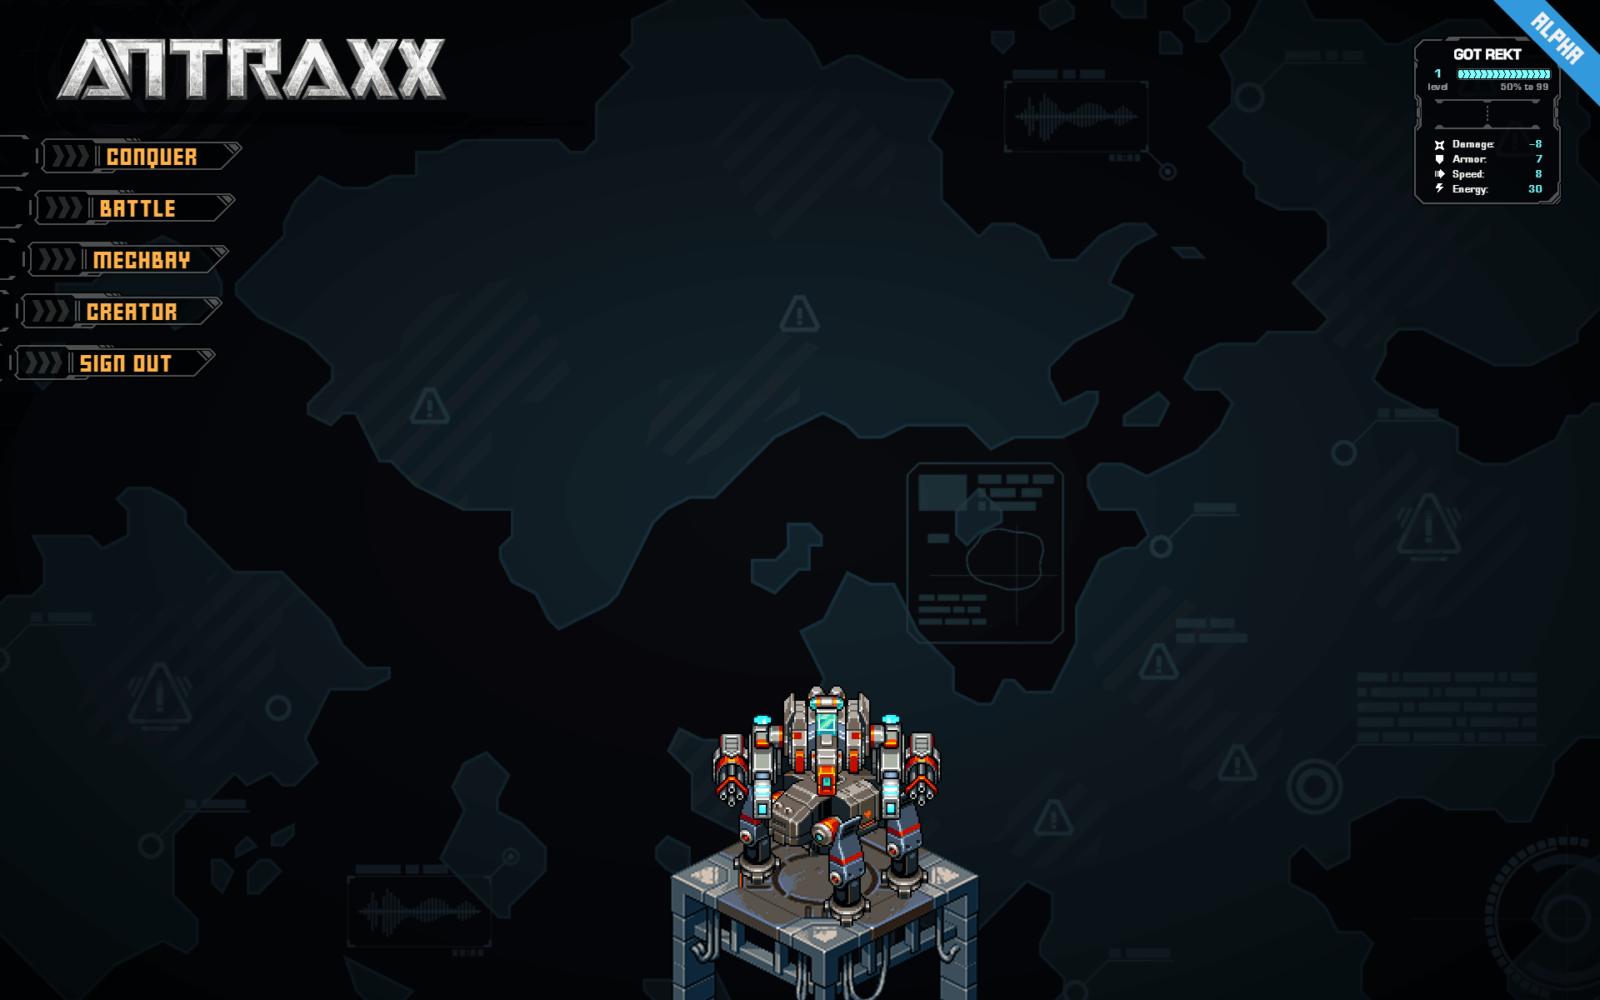 indigo.2016.antraxx.group.ss (11)